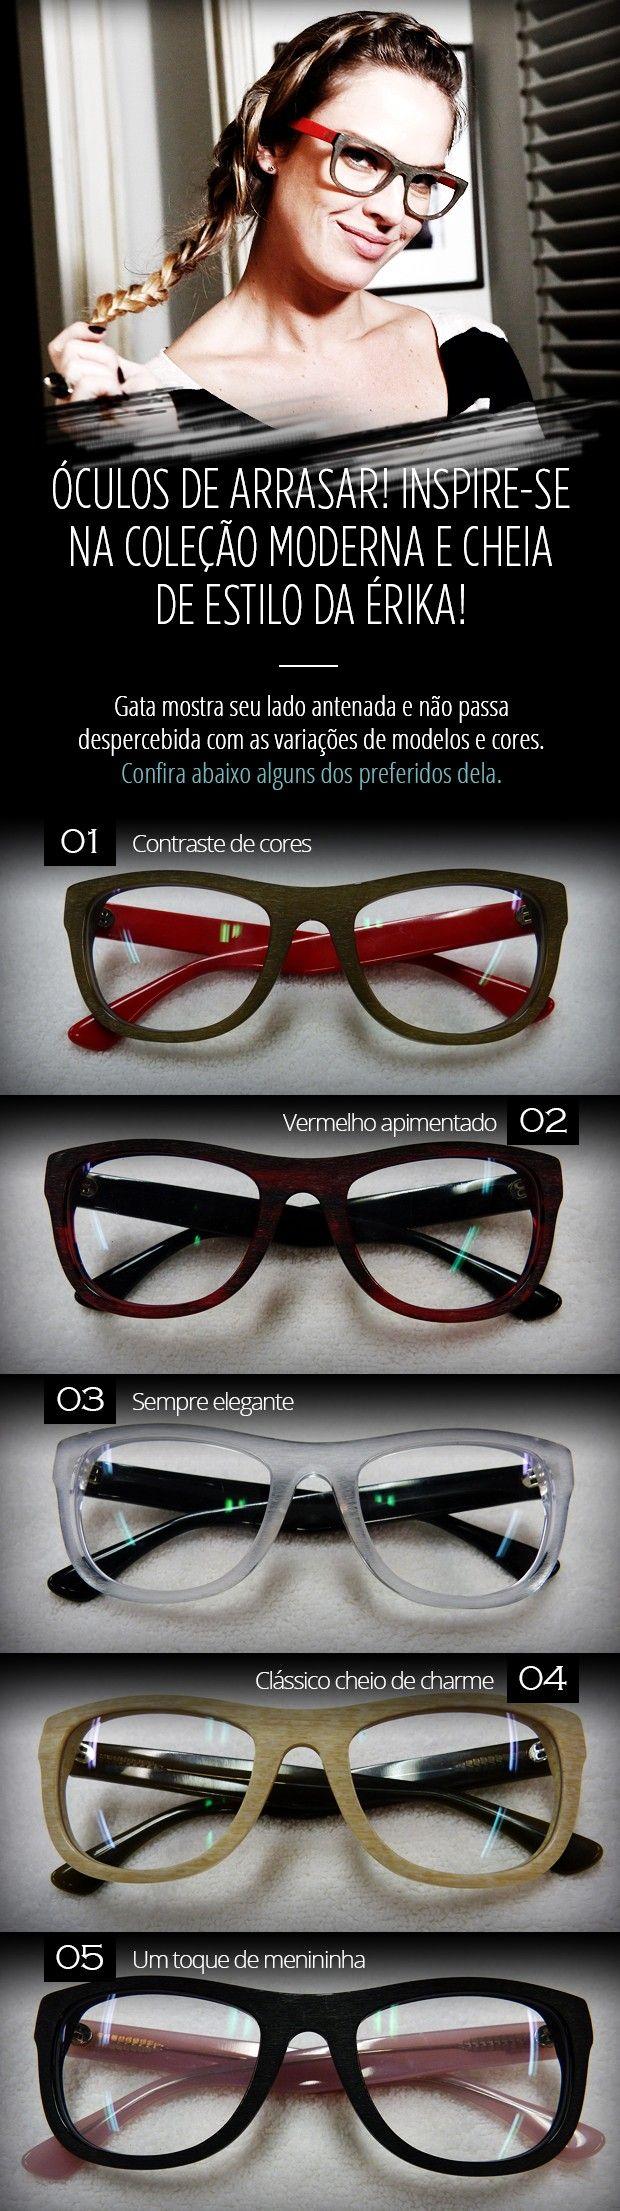 Todo mundo quer! Letícia Birkheuer comemora sucesso dos óculos da Érika ♥